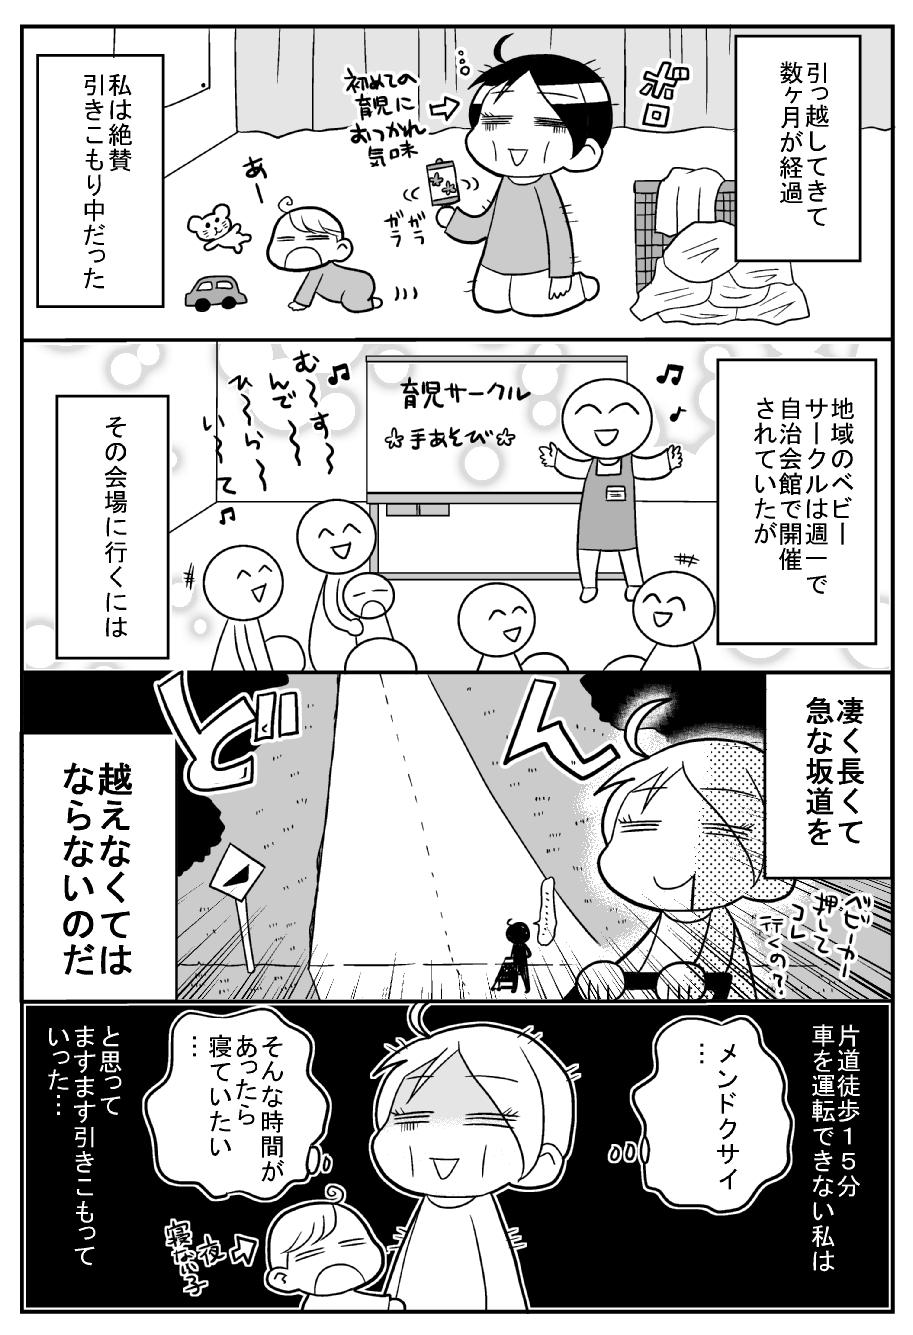 ママ友03